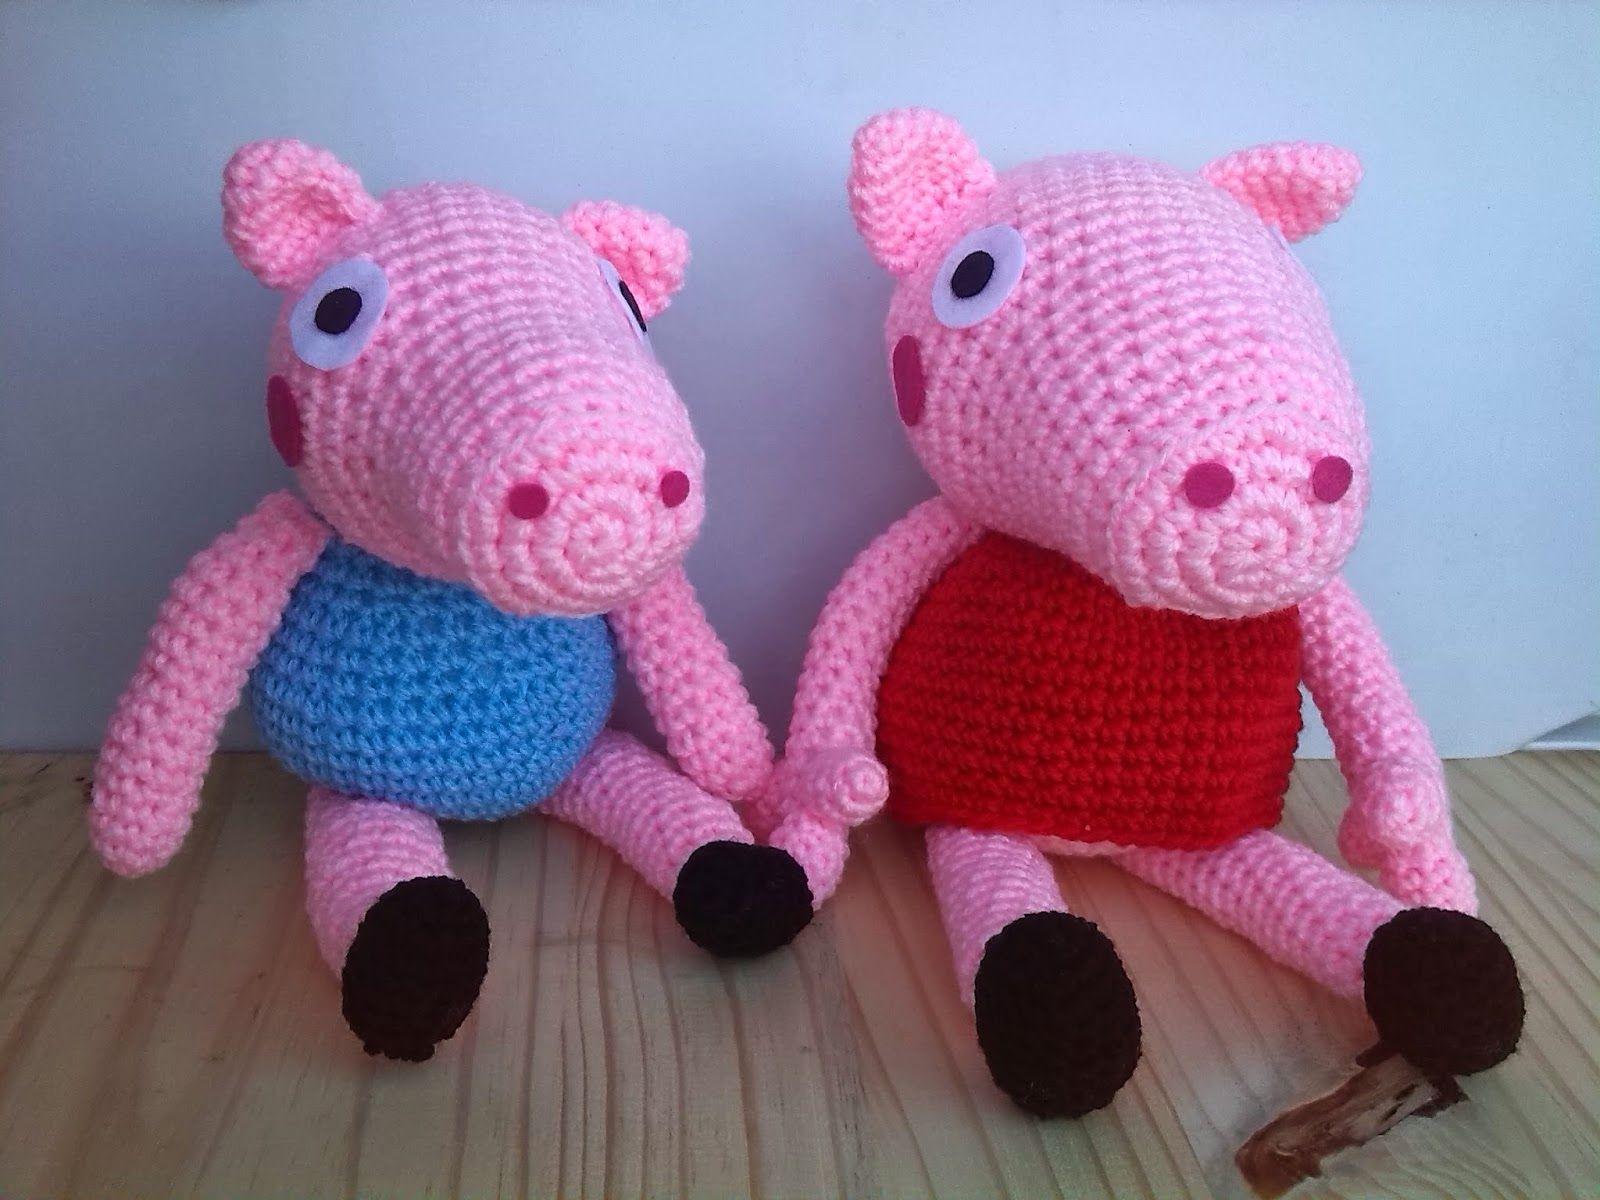 Amigurumi Tutorial Peppa Pig : Peppa pig y su hermano george amigurumi patrón gratis en español